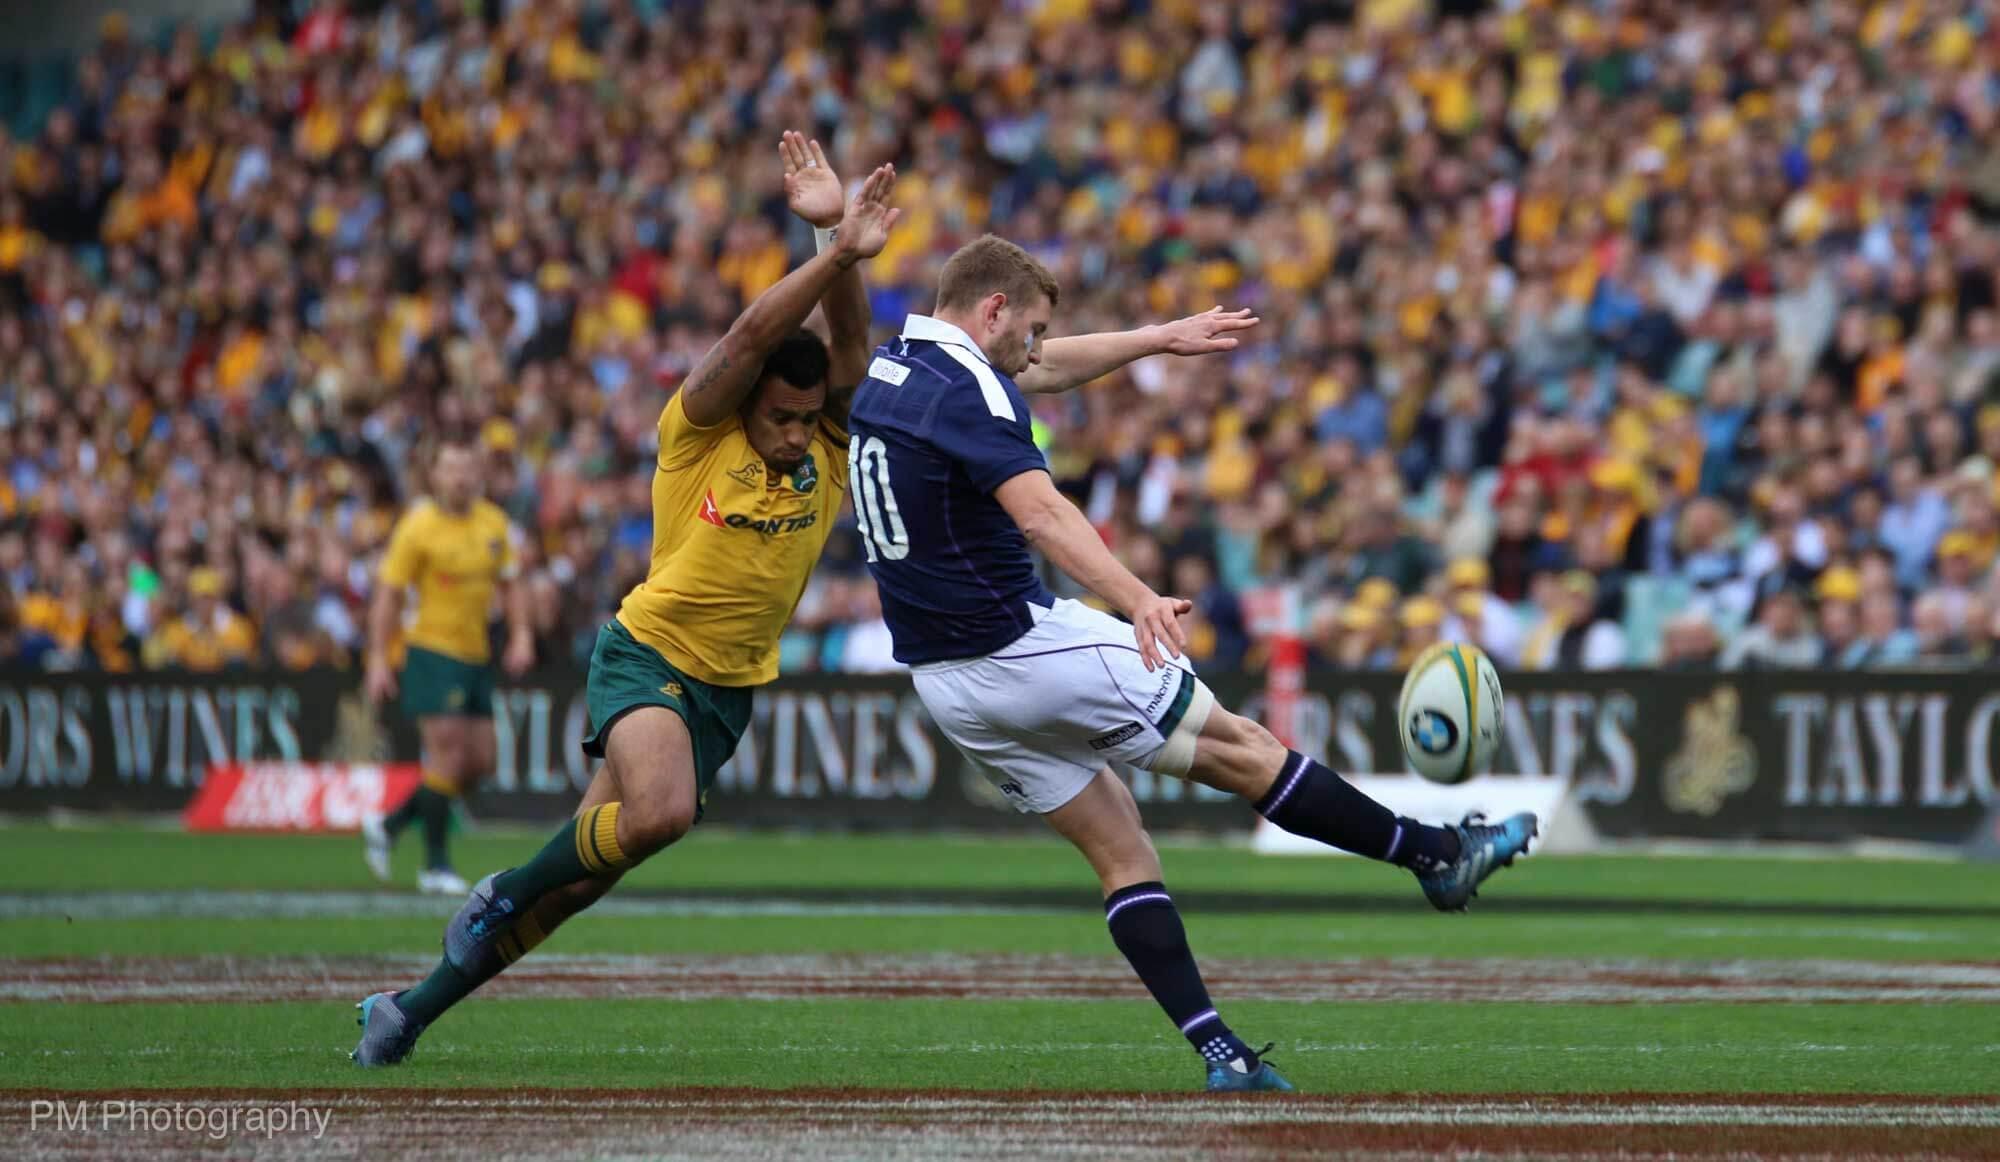 Finn Russell gets a kick off.